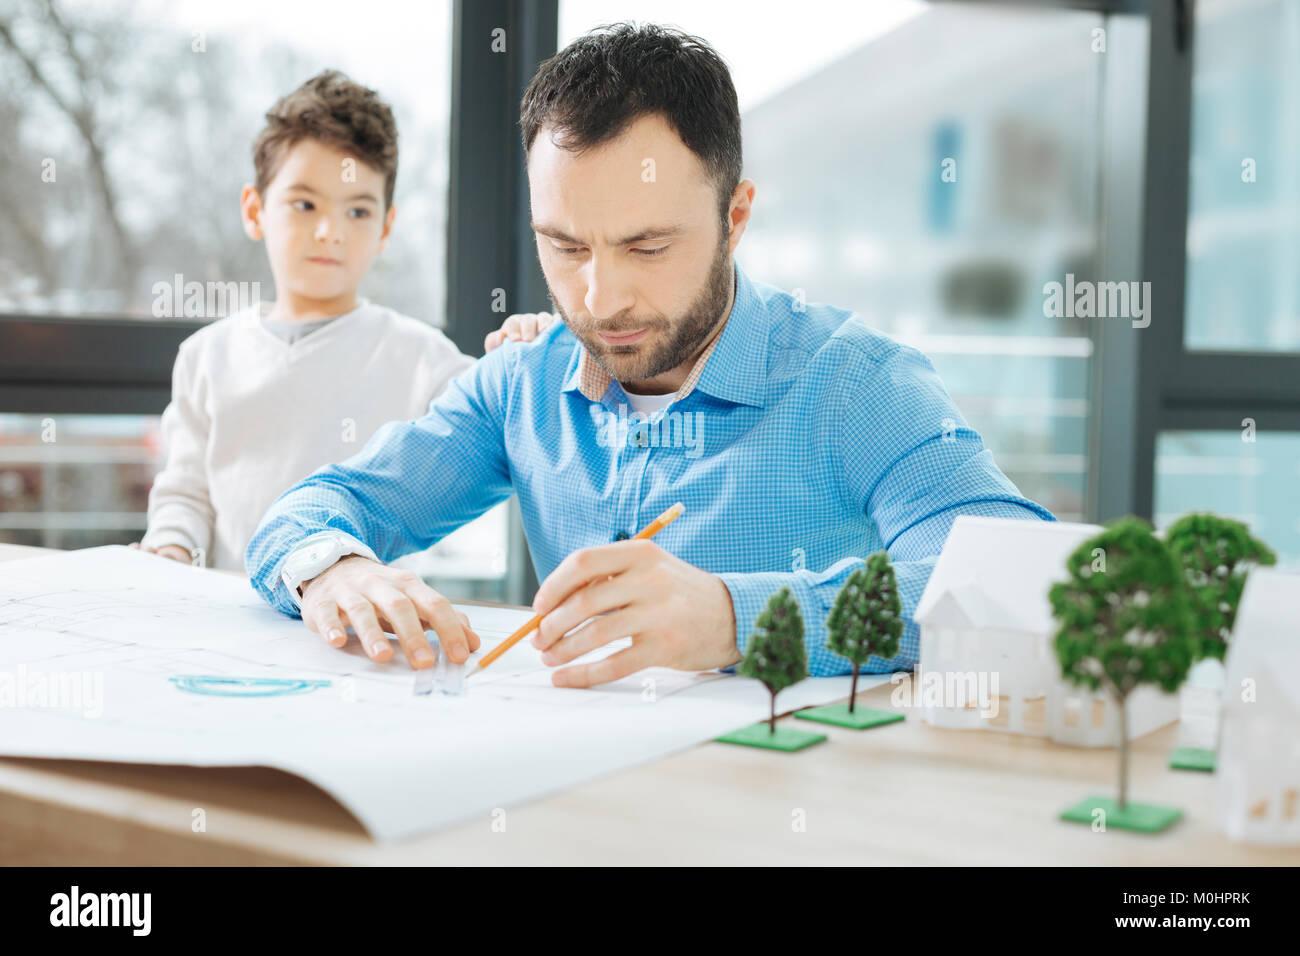 Architecte d'occupation ne prêtant aucune attention à son petit-fils Photo Stock